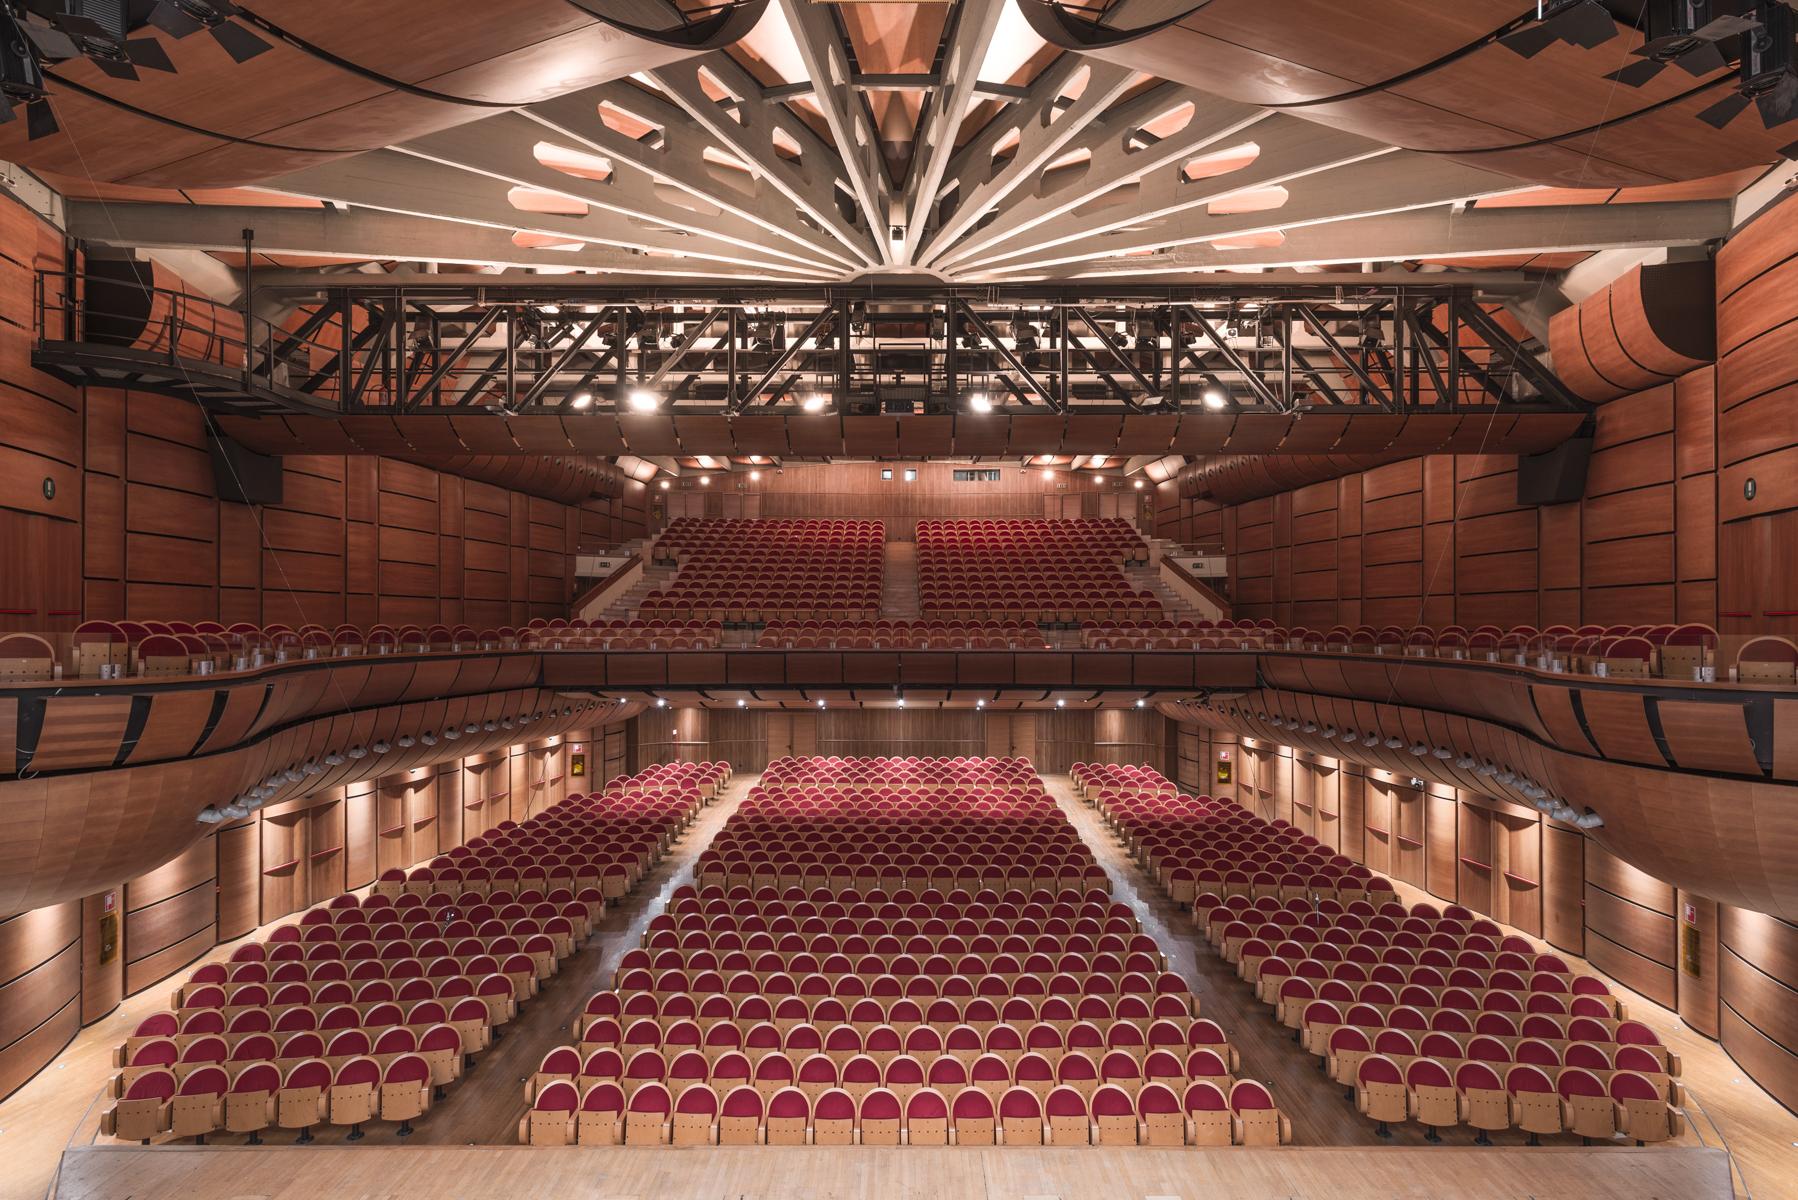 Oggi a lavoro presso: Auditorium Parco della Musica